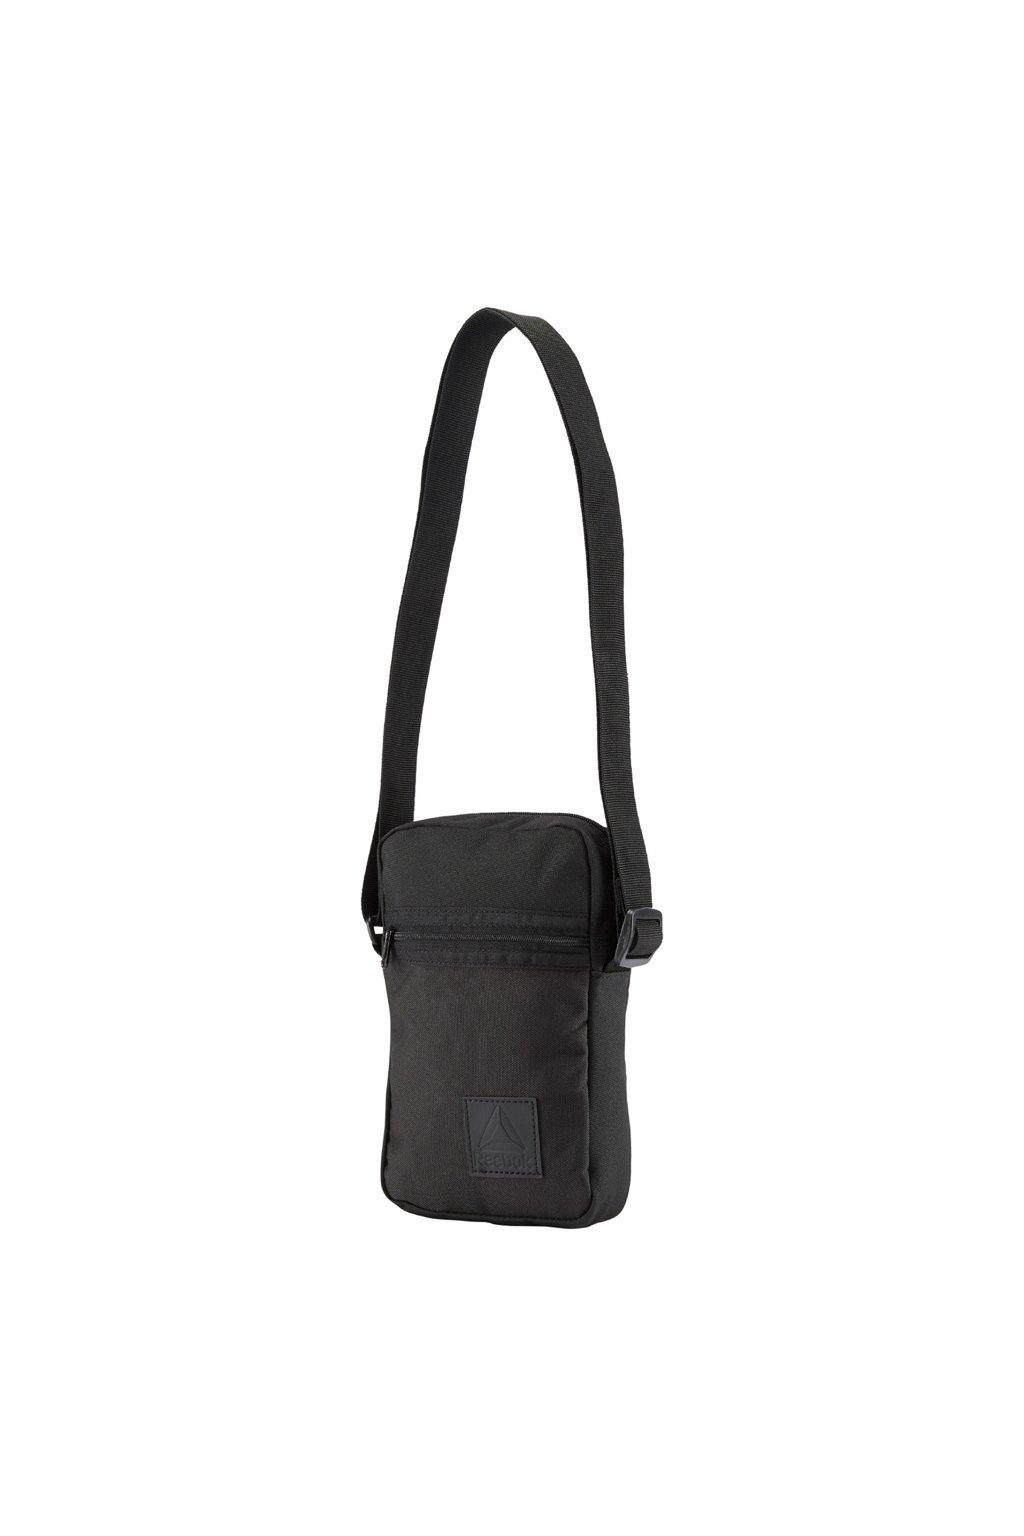 Taška Reebok Style Foundation City Bag čierna DM7176